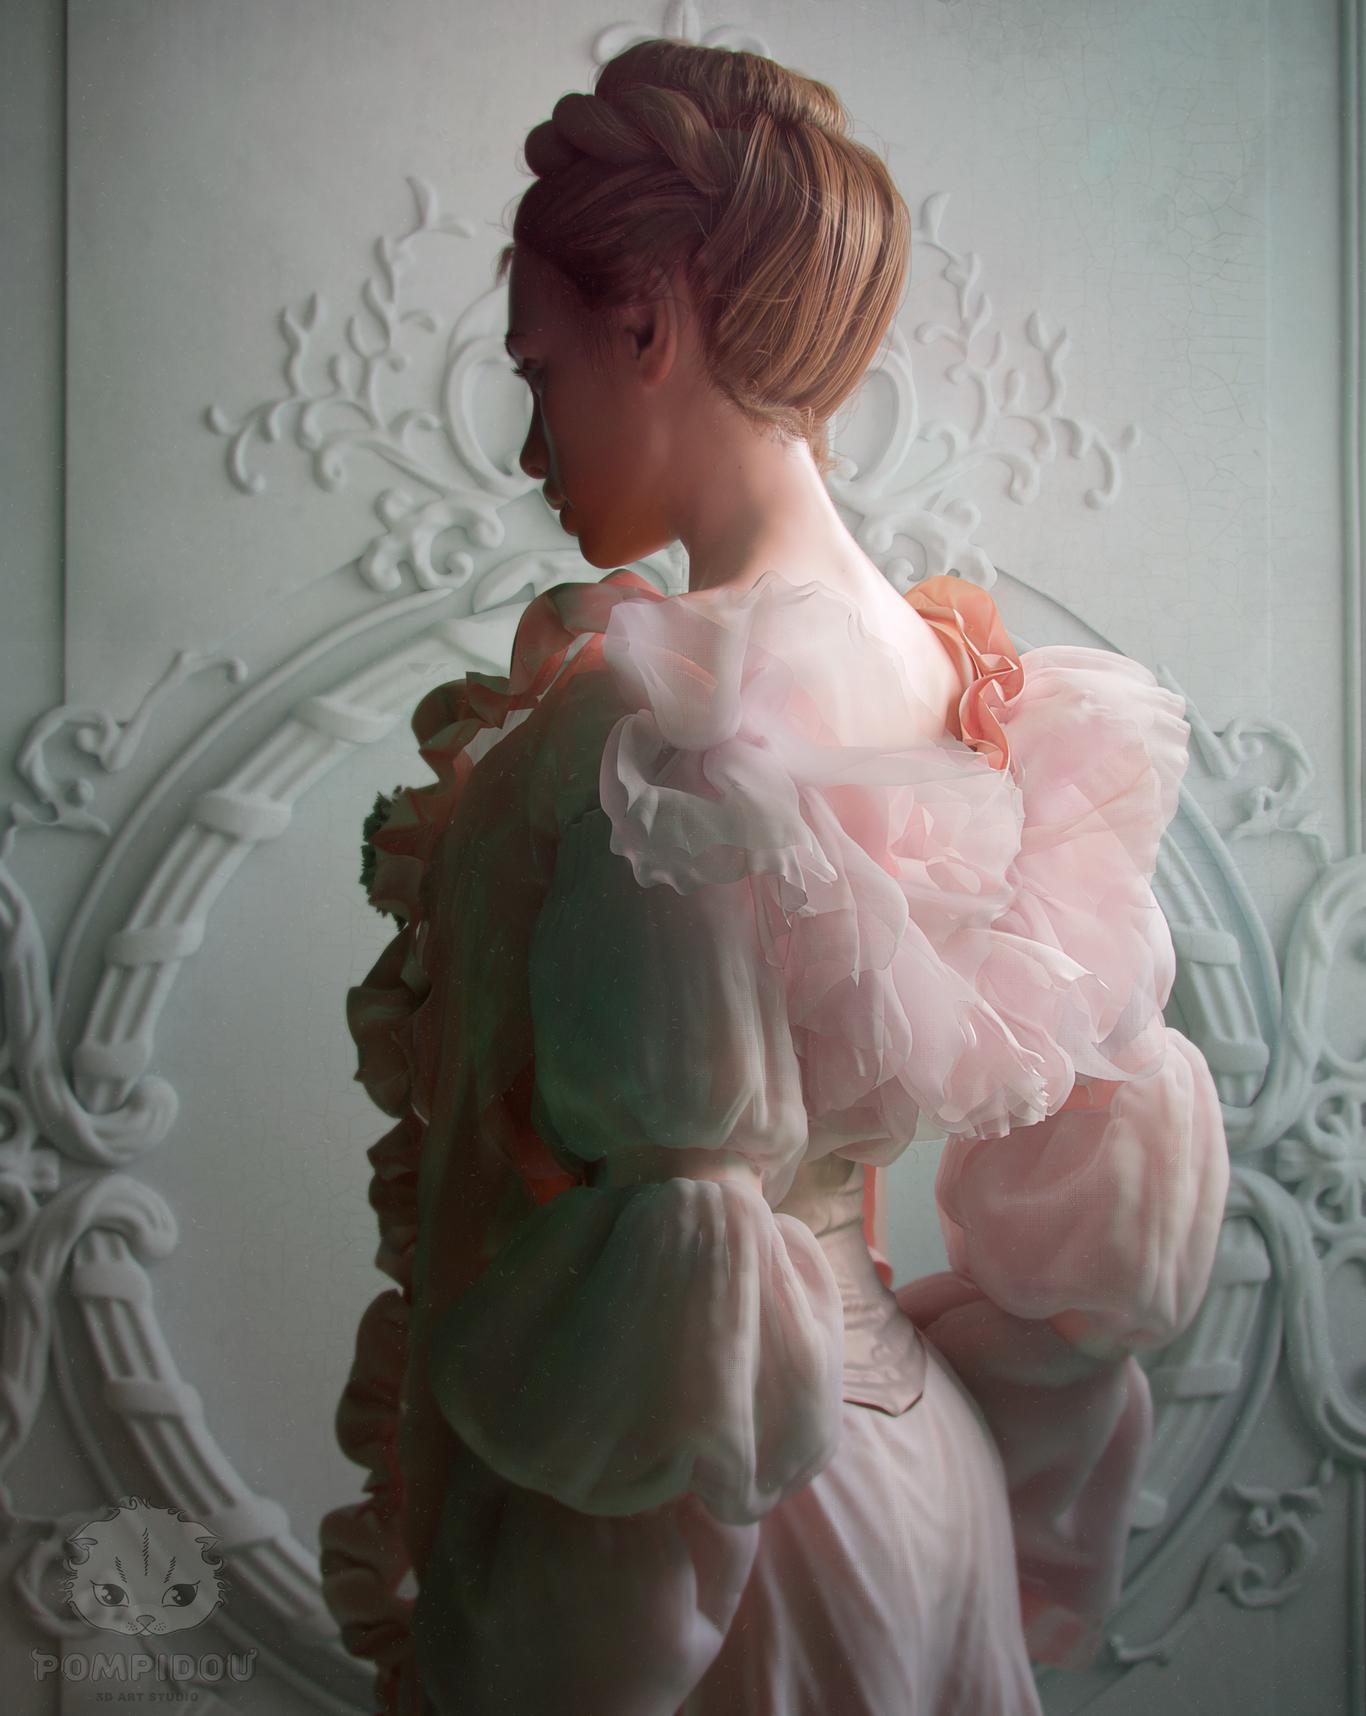 Mariannakot pink dress 1 98d62aad iq4c